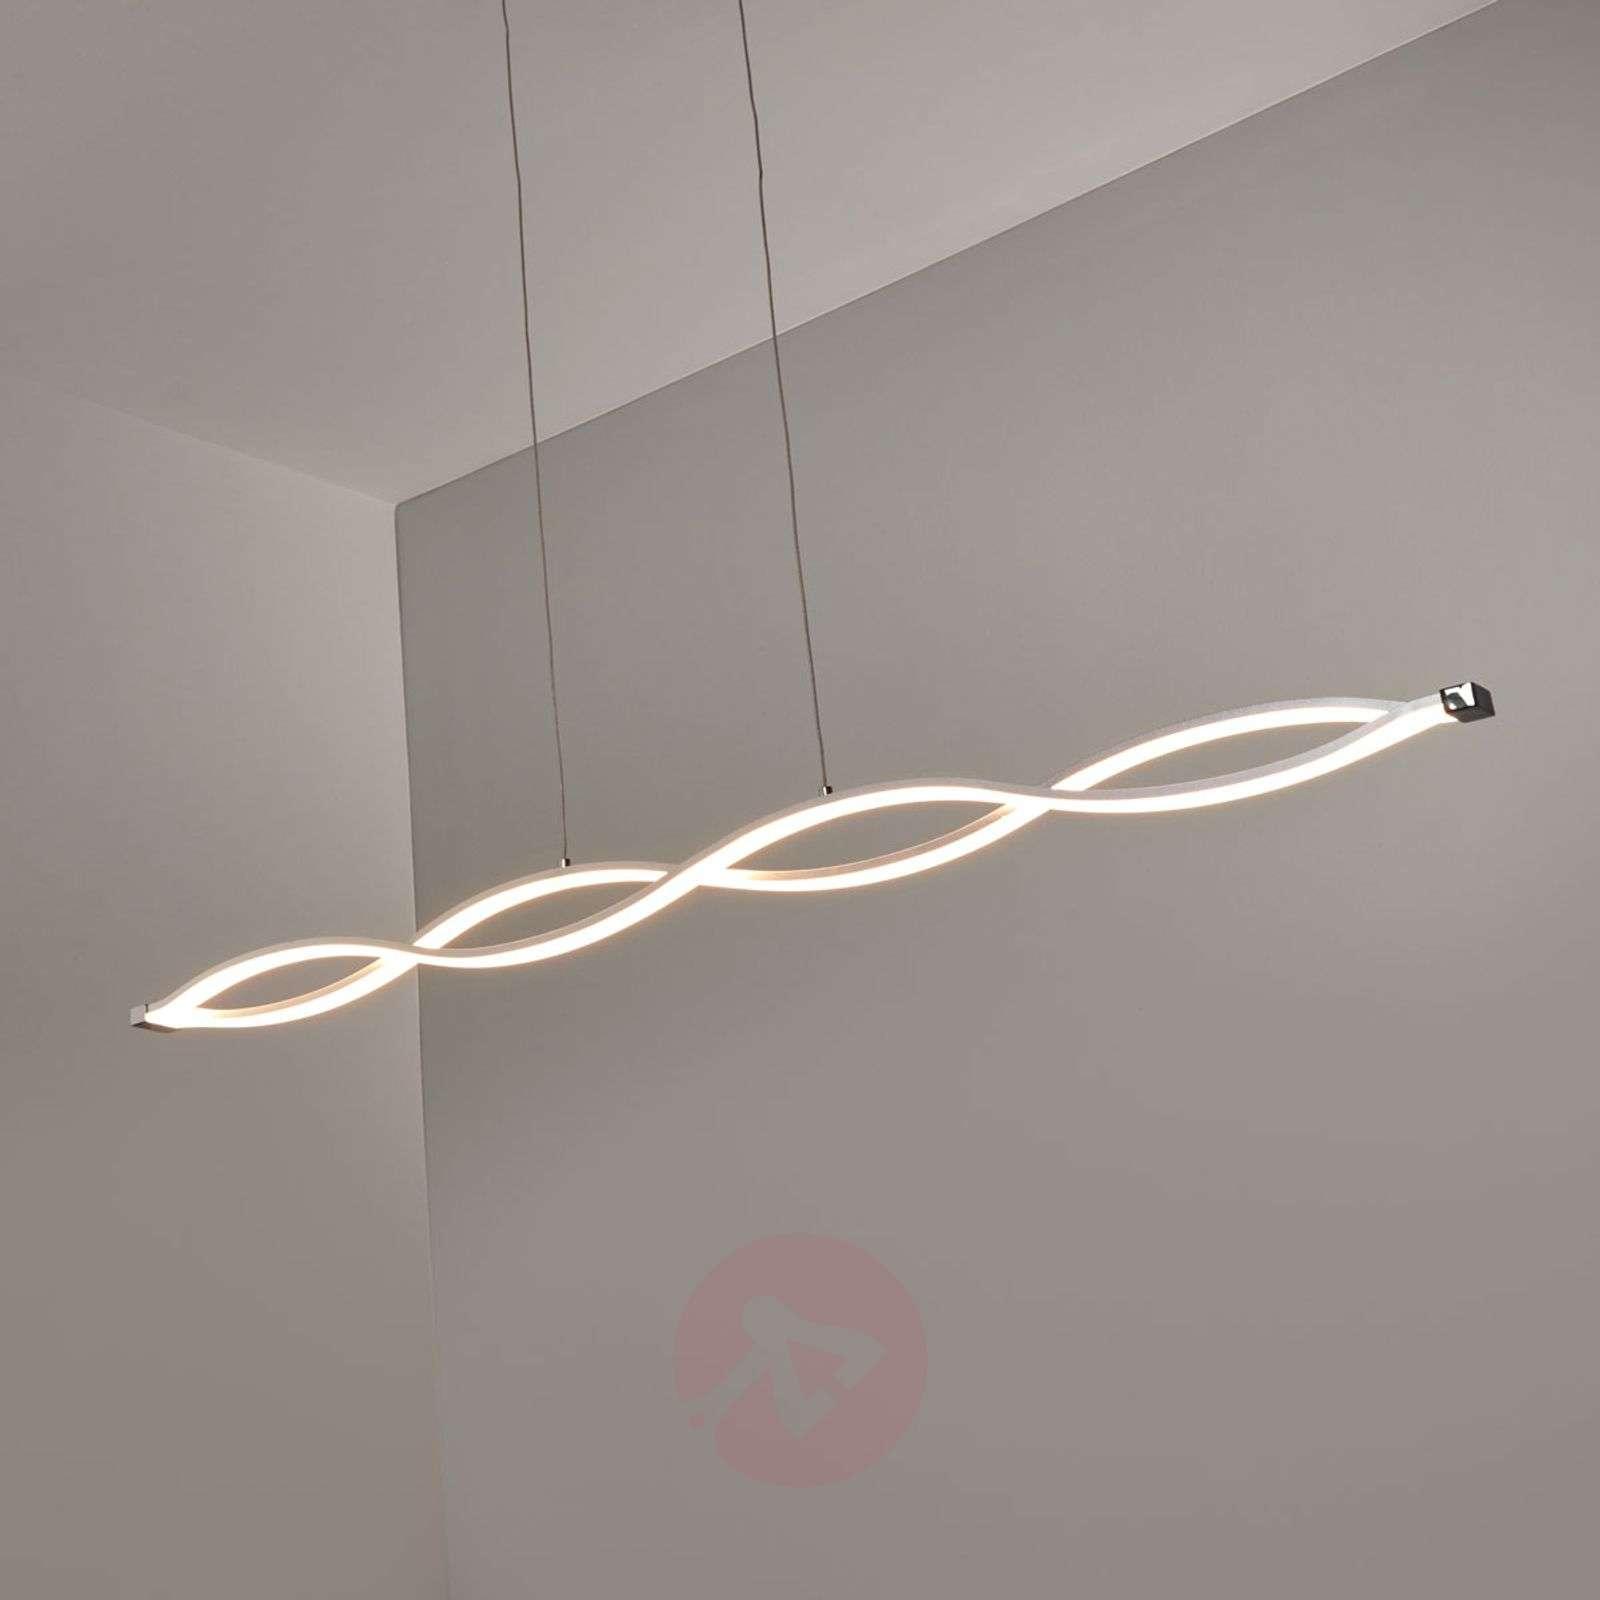 Aaltopintainen riippuvalaisin Tura LED-valoilla-9640063-020